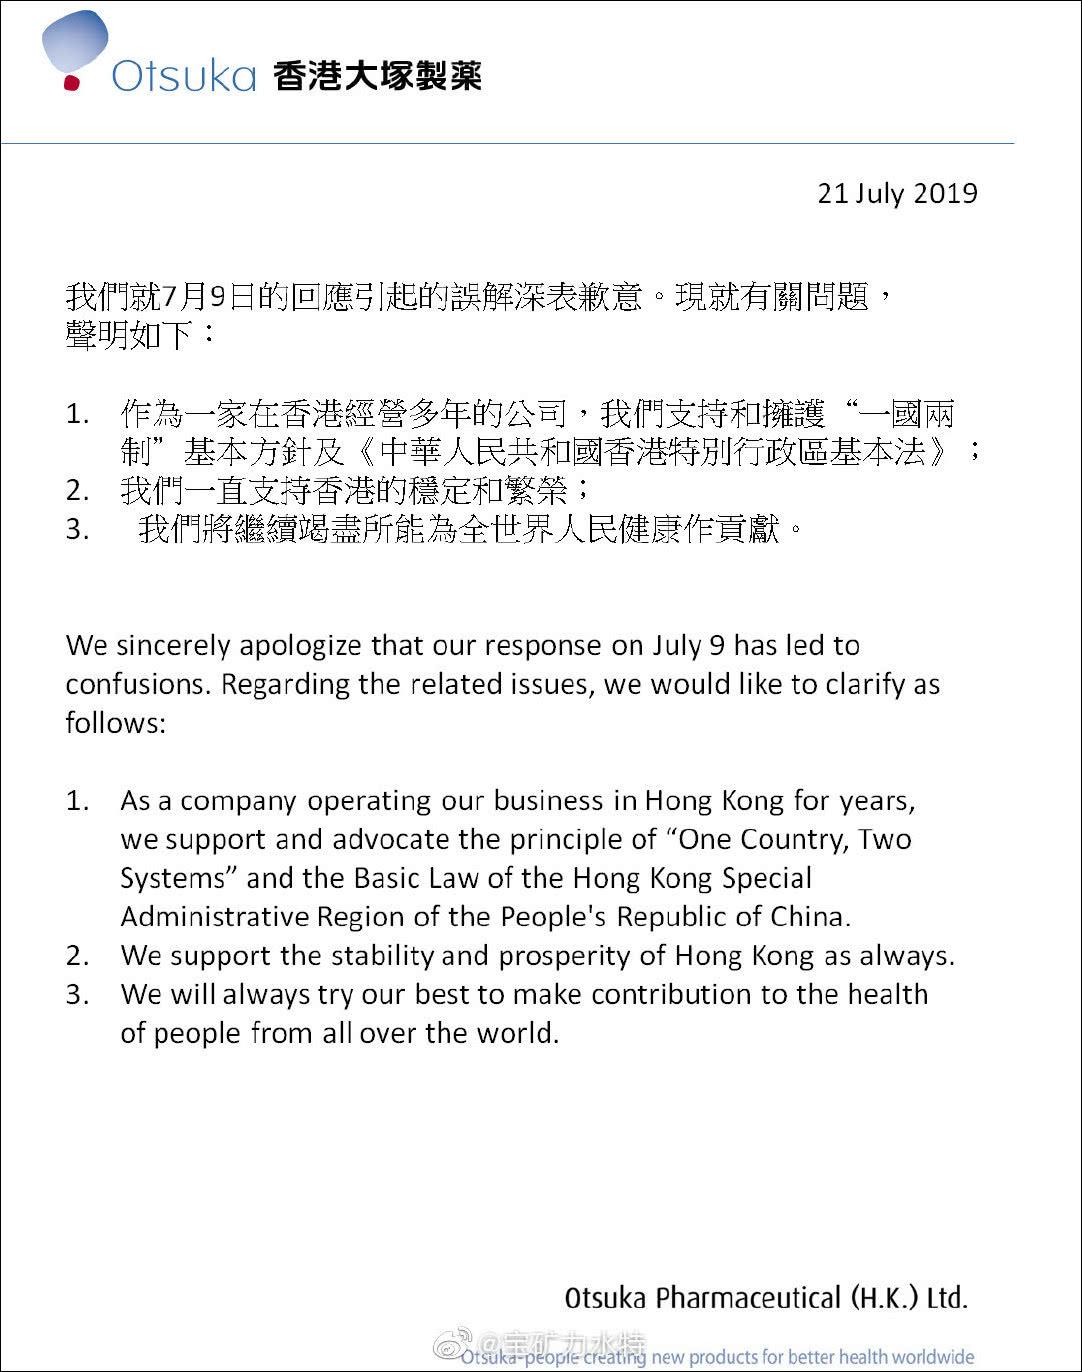 """宝矿力水特香港分公司道歉:支持拥护""""一国两制""""和基本法"""